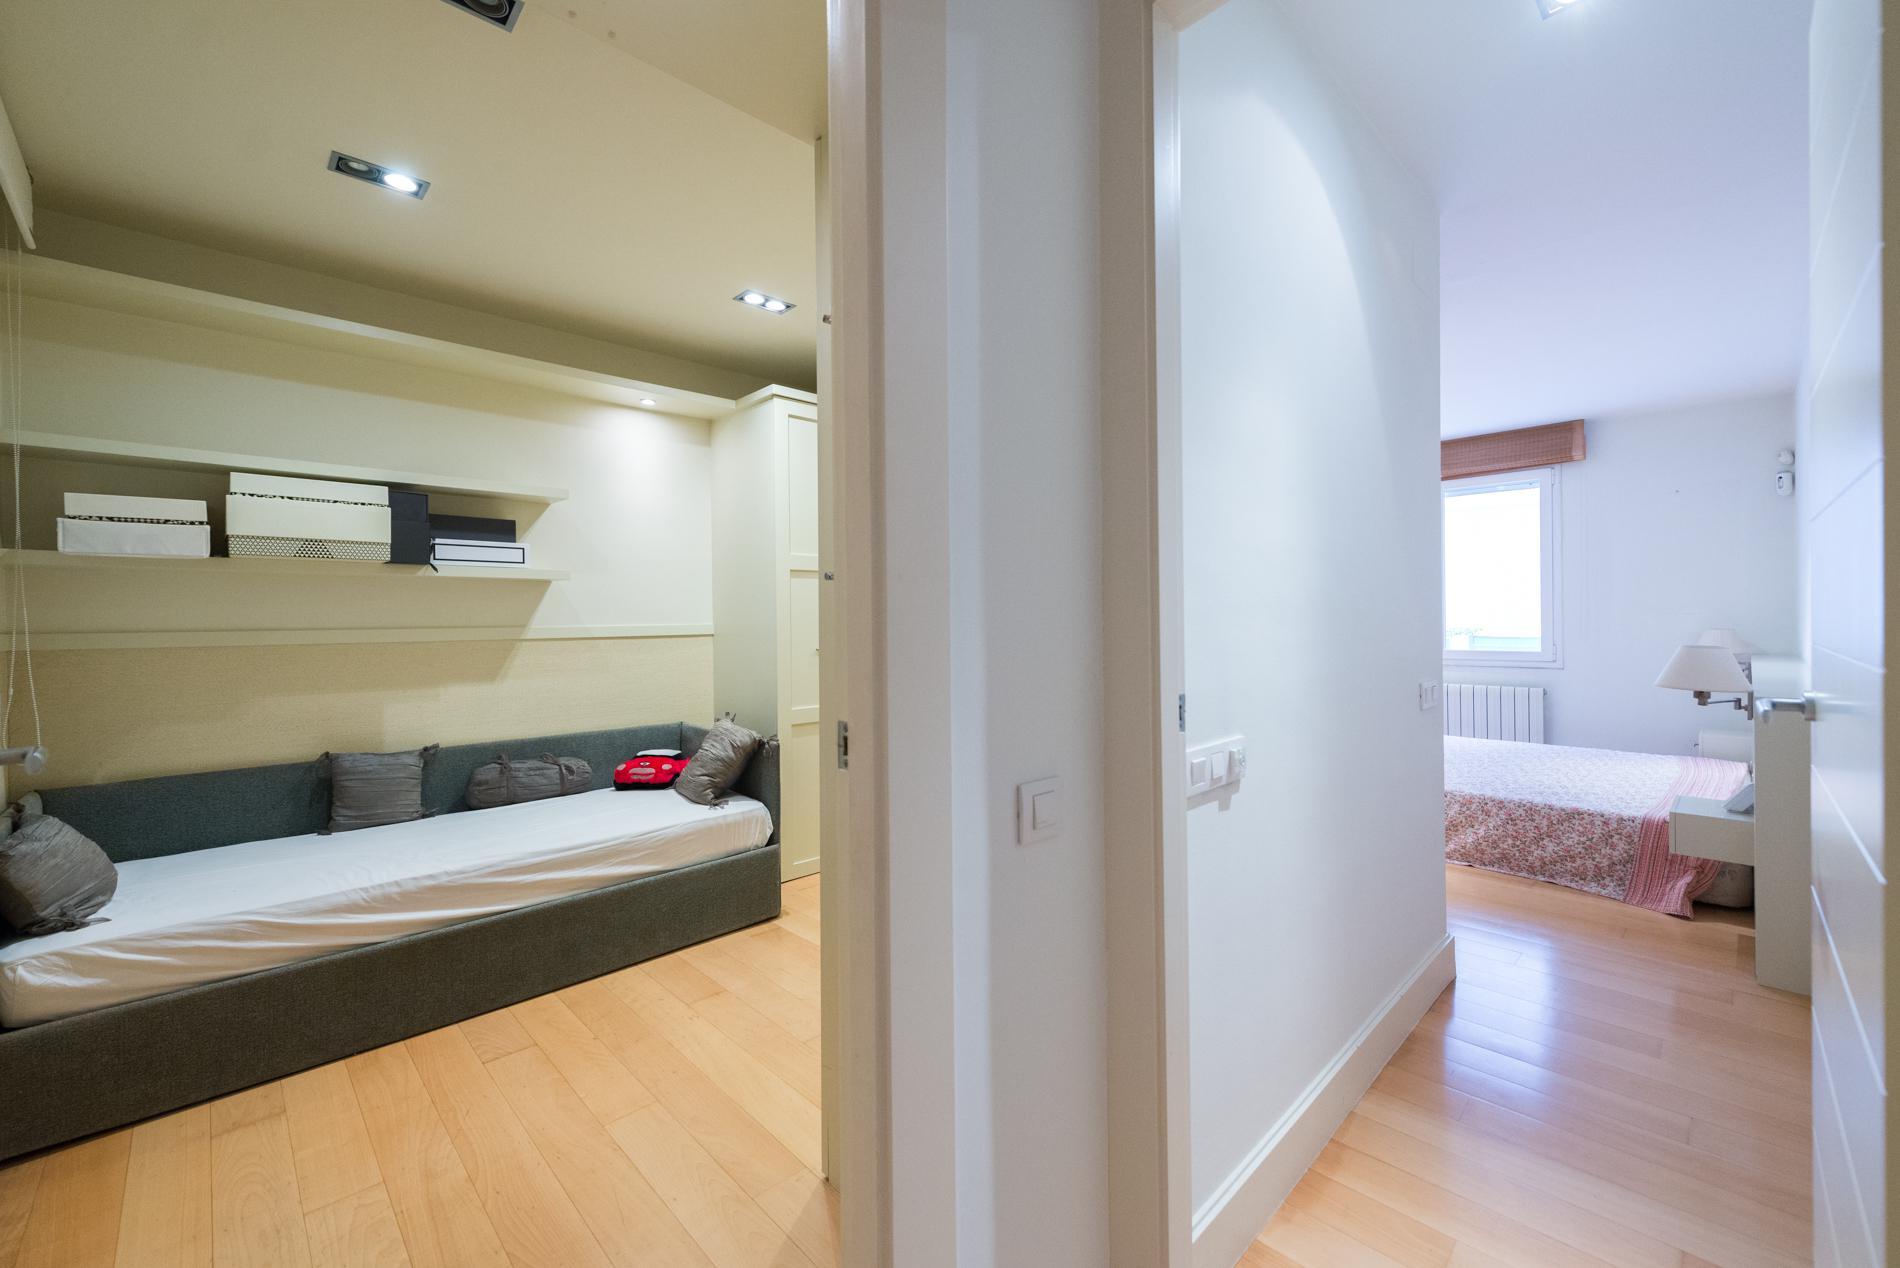 247761 Ground Floor for sale in Sarrià-Sant Gervasi, St. Gervasi-Bonanova 13